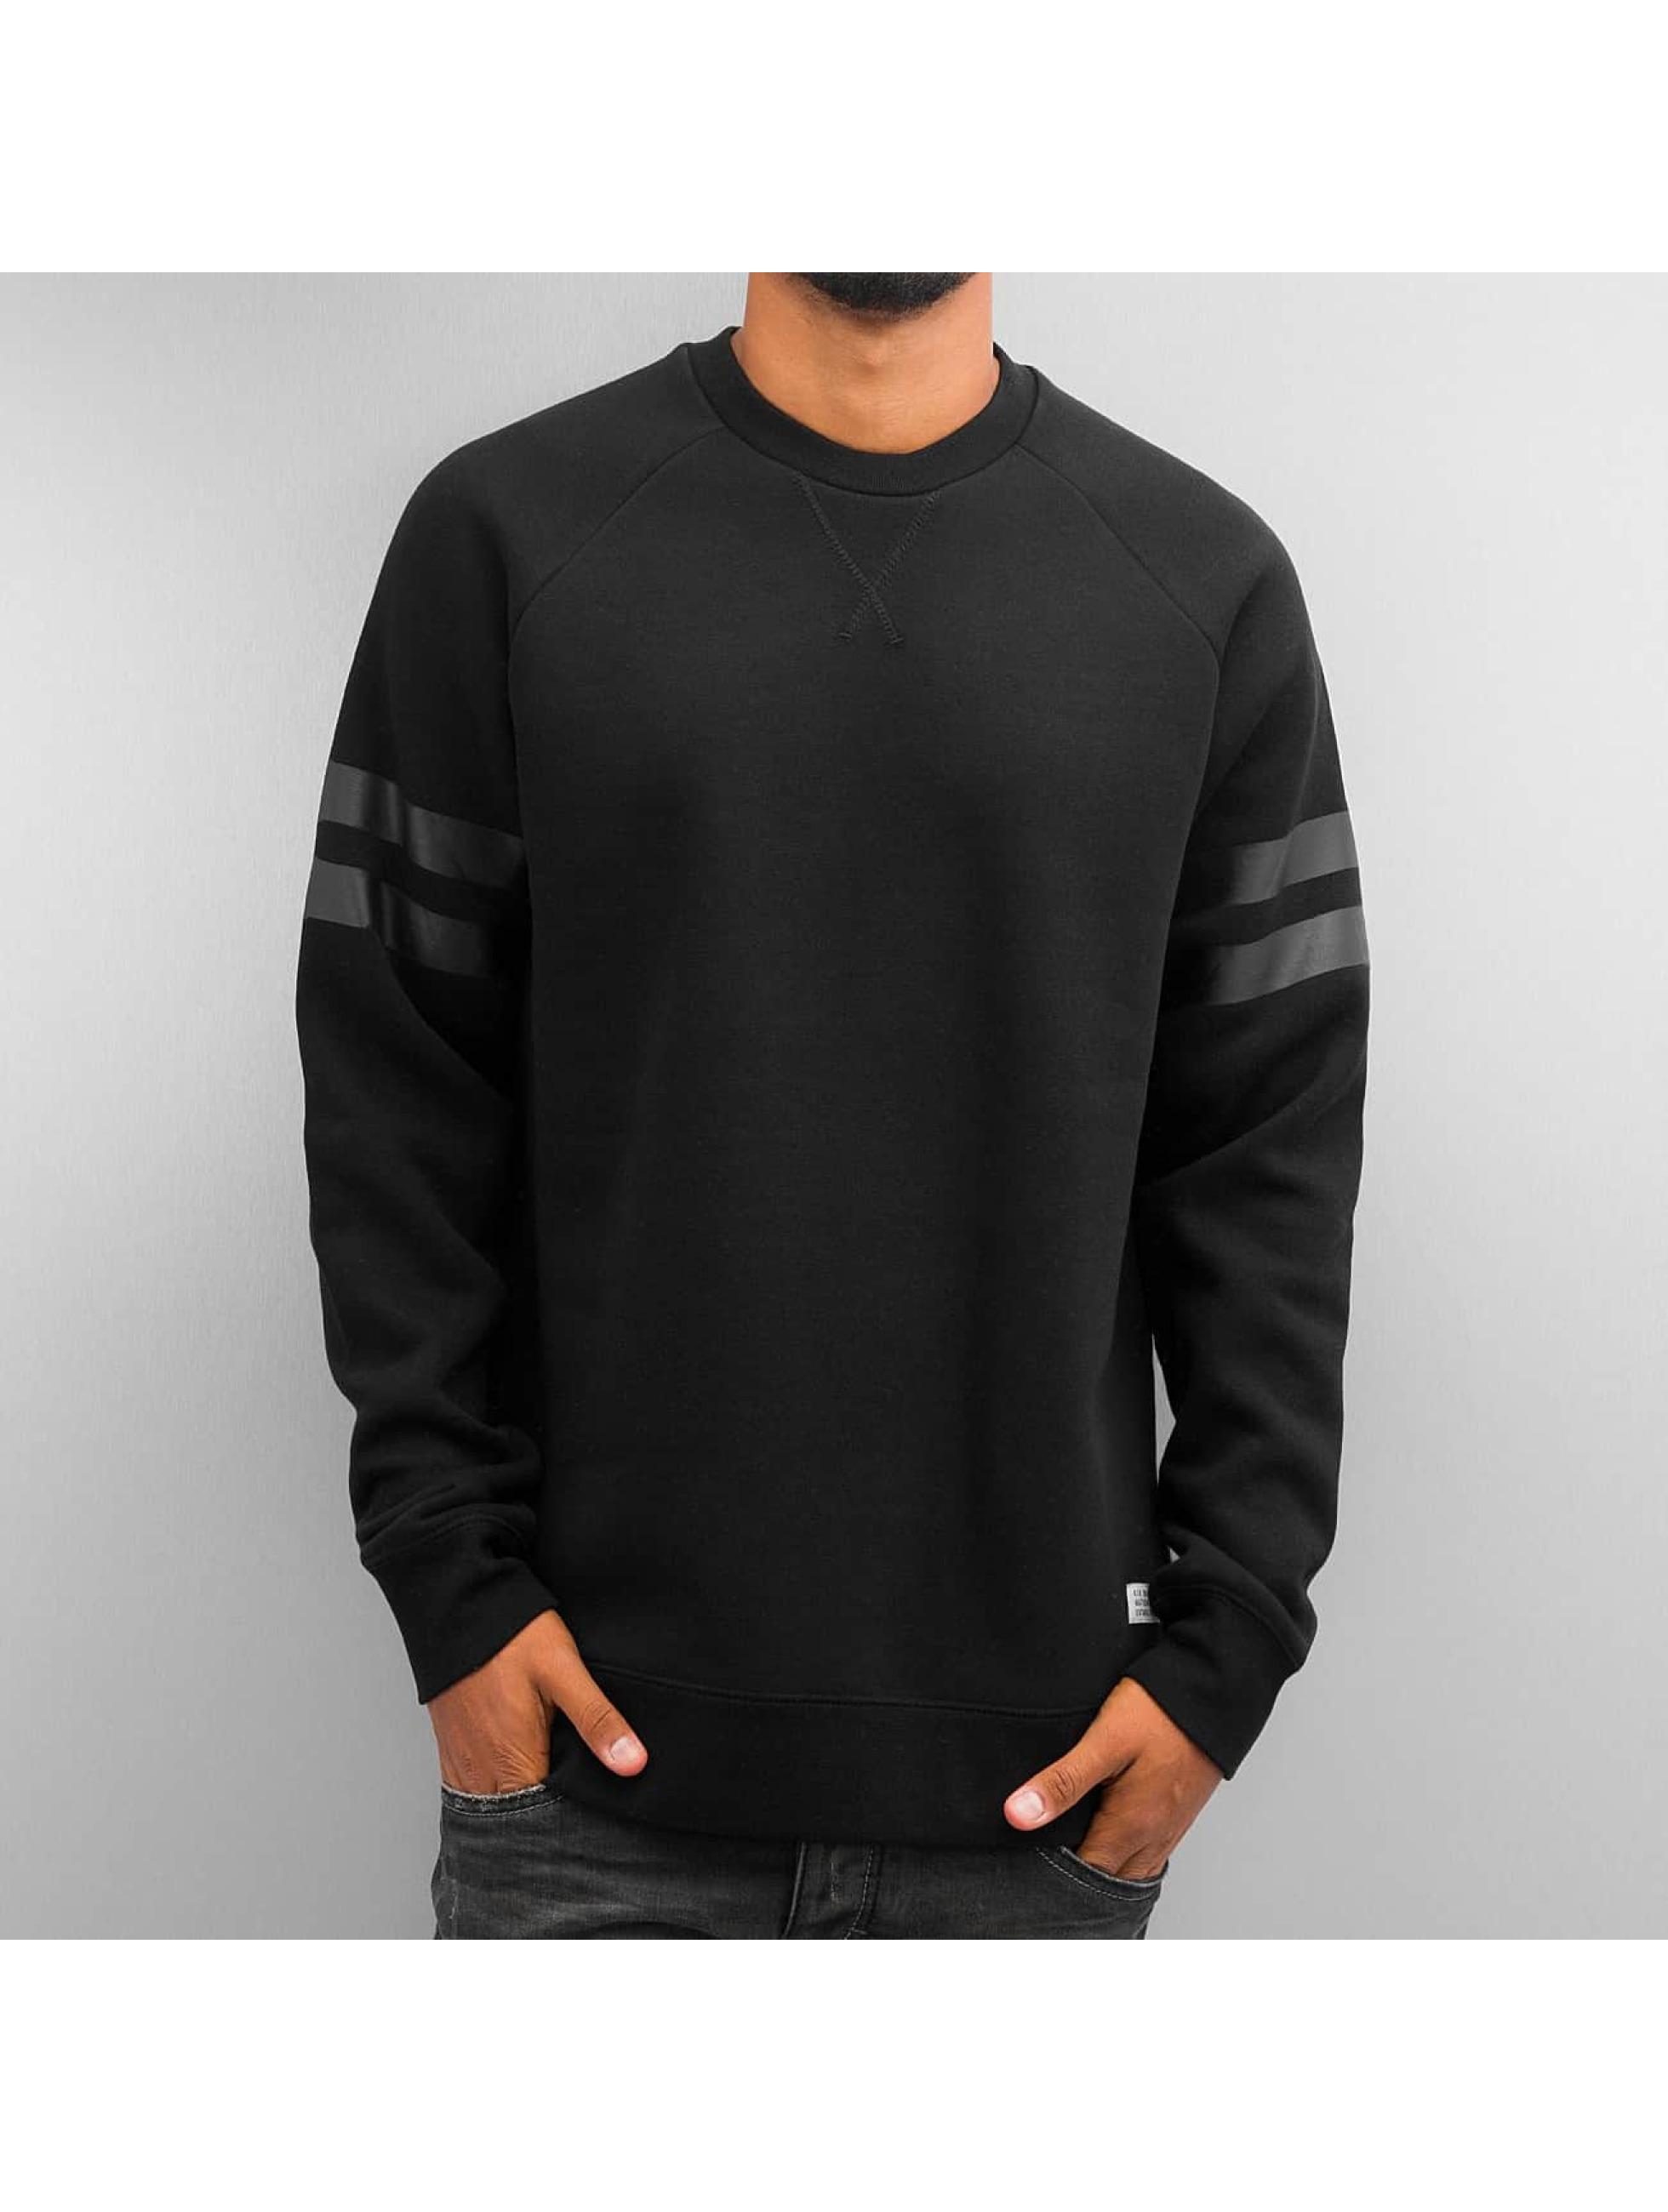 Pullover Authentic in schwarz